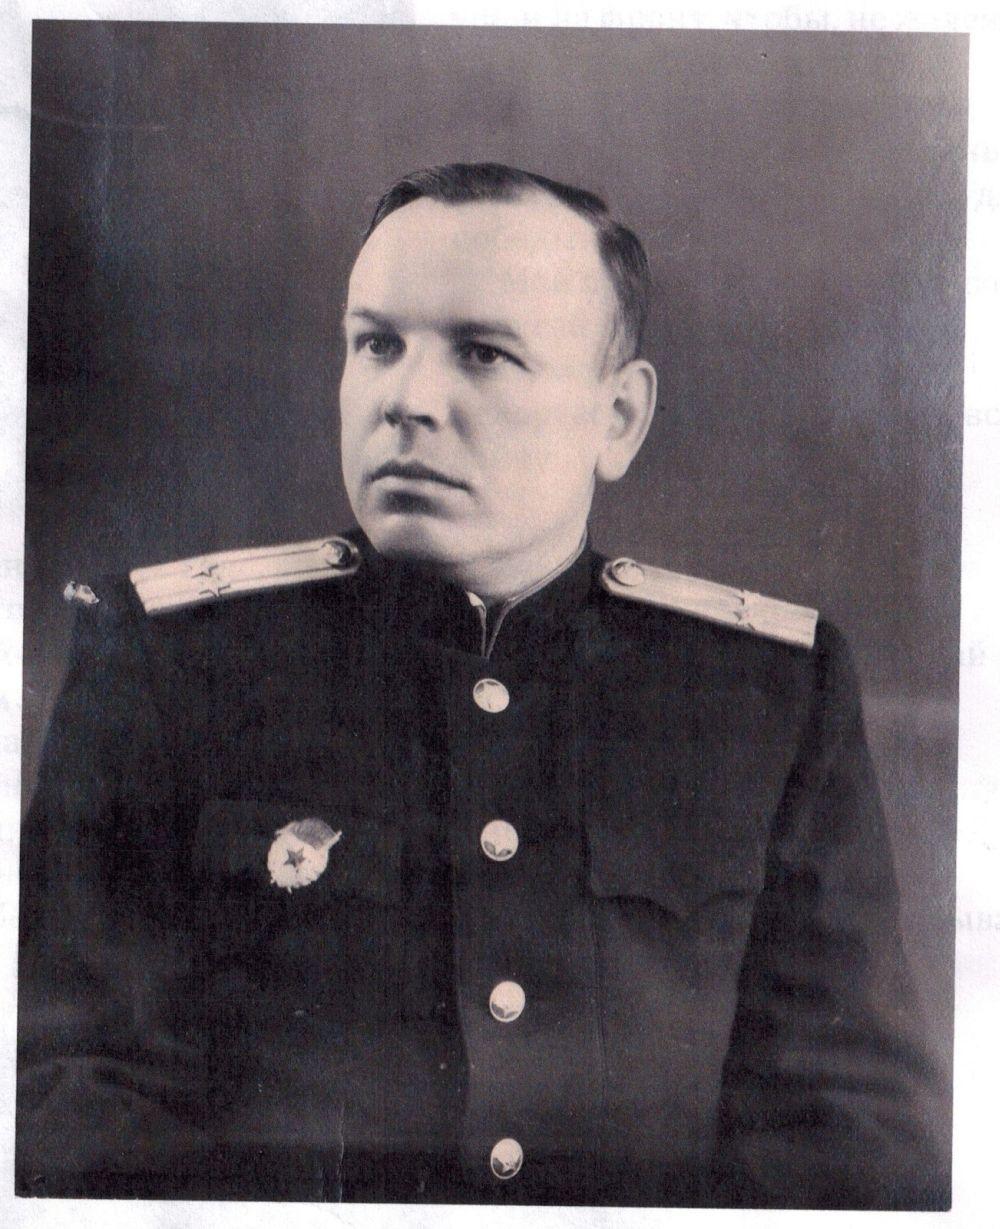 Огородников Алексей Андреевич